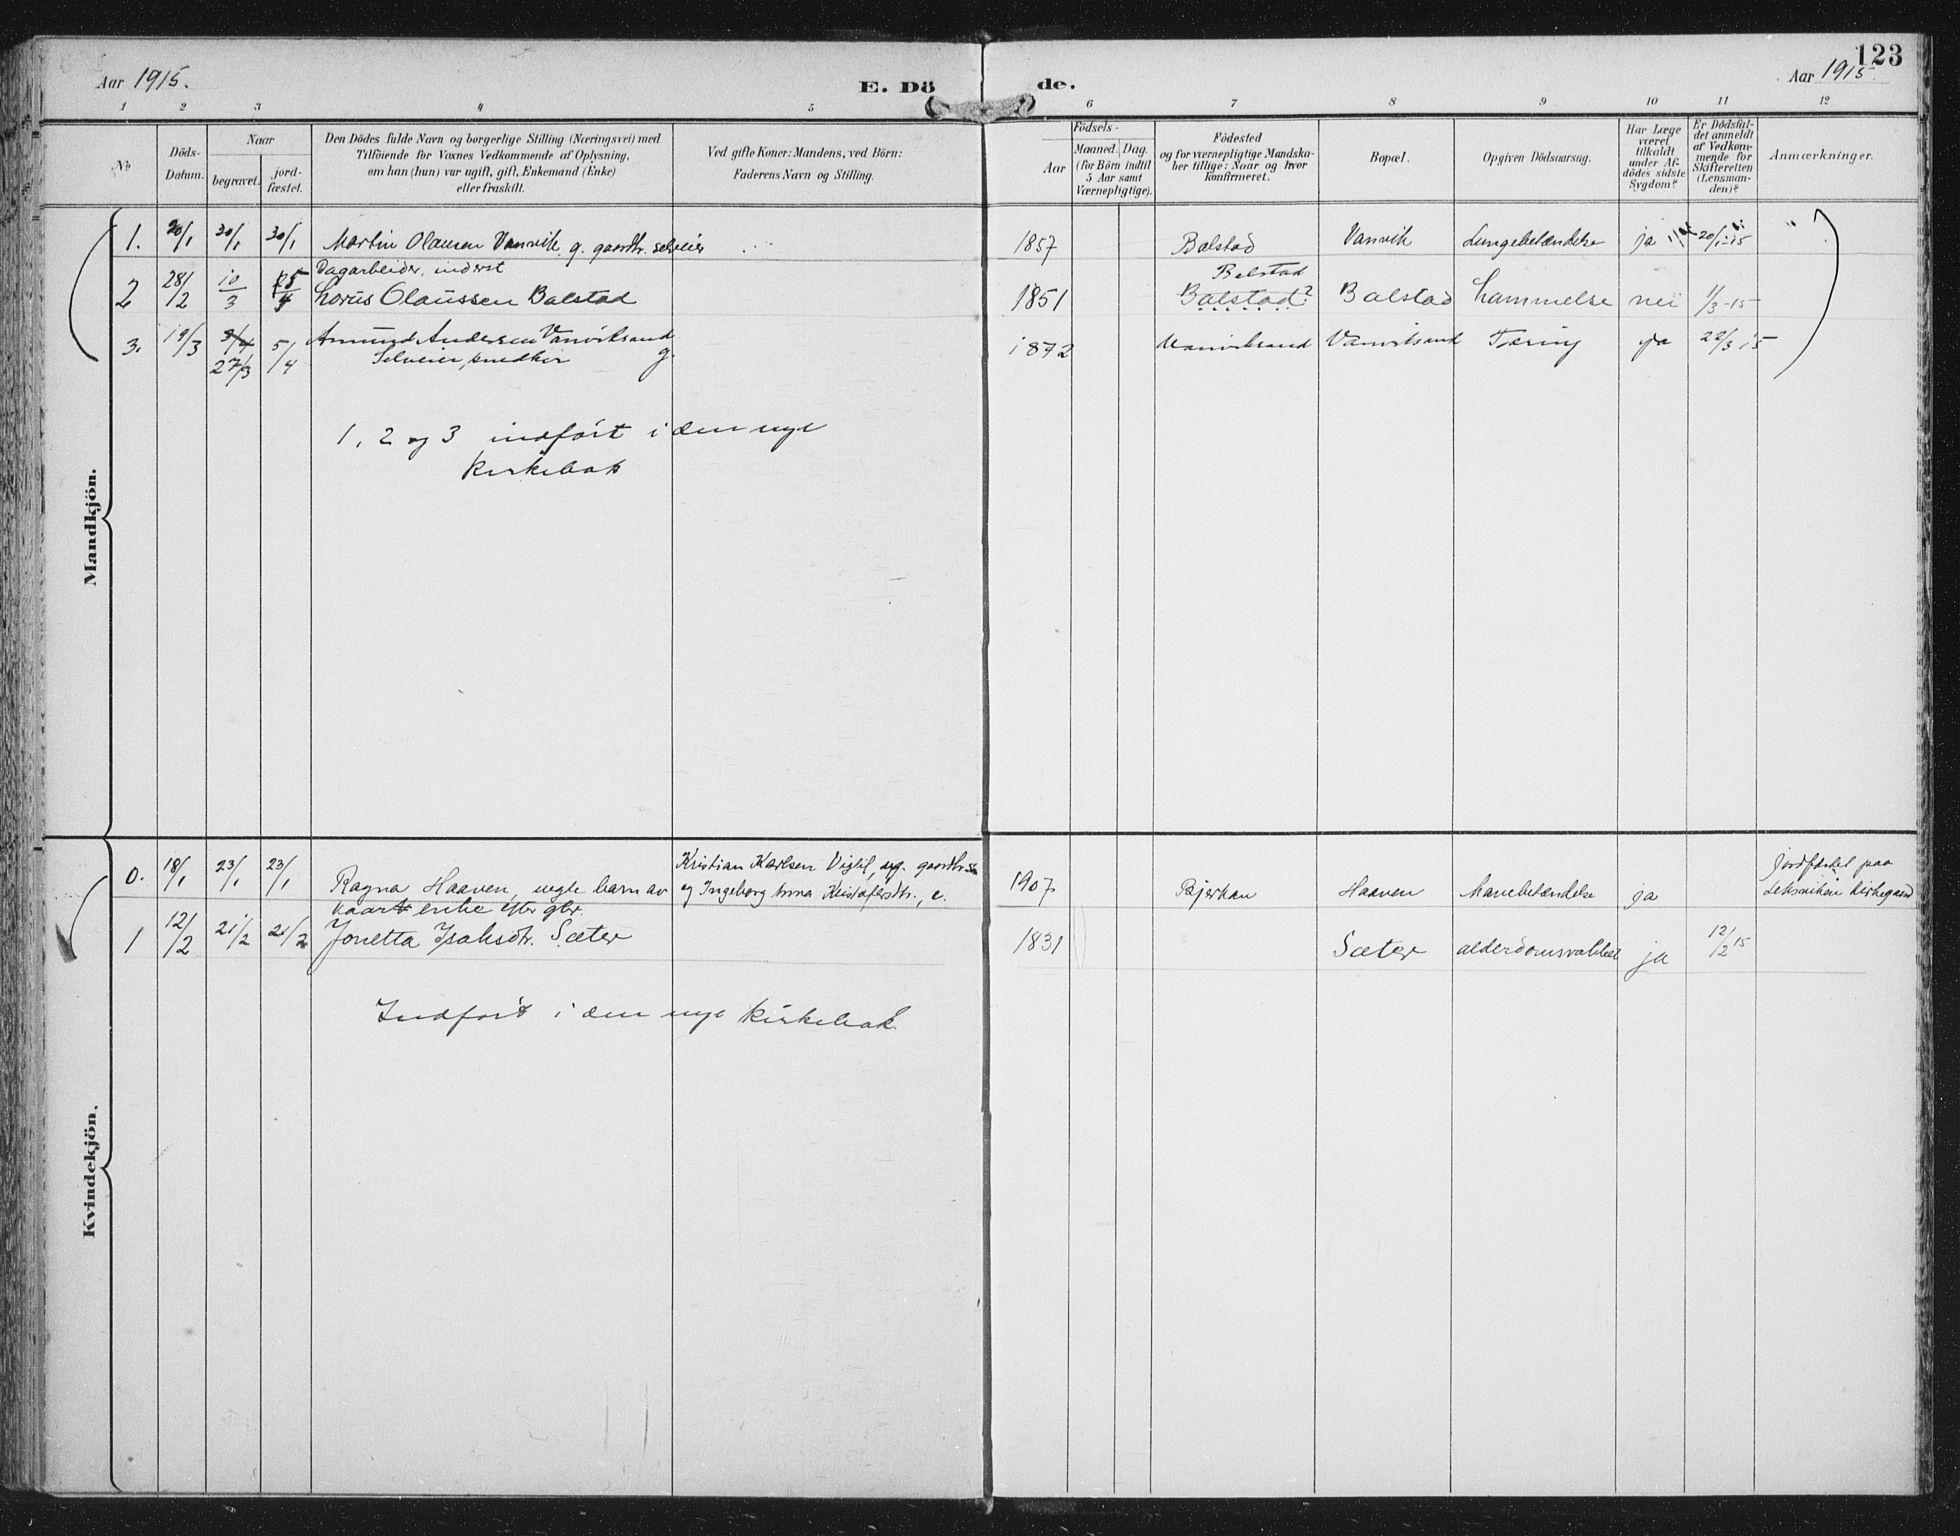 SAT, Ministerialprotokoller, klokkerbøker og fødselsregistre - Nord-Trøndelag, 702/L0024: Ministerialbok nr. 702A02, 1898-1914, s. 123